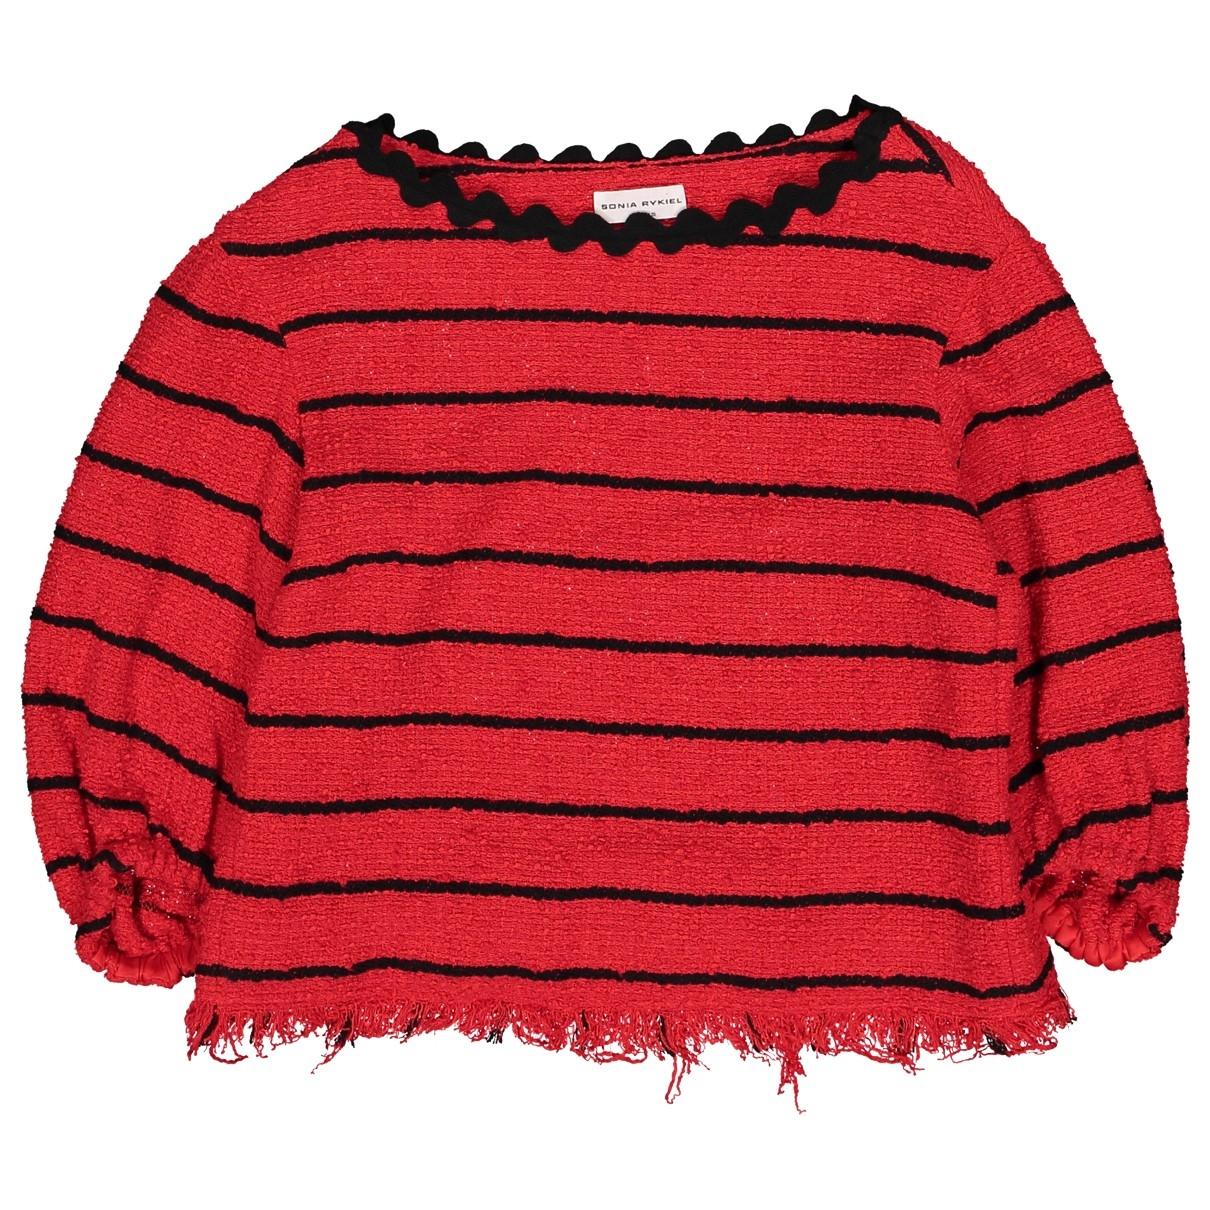 Sonia Rykiel - Pull   pour femme en coton - rouge